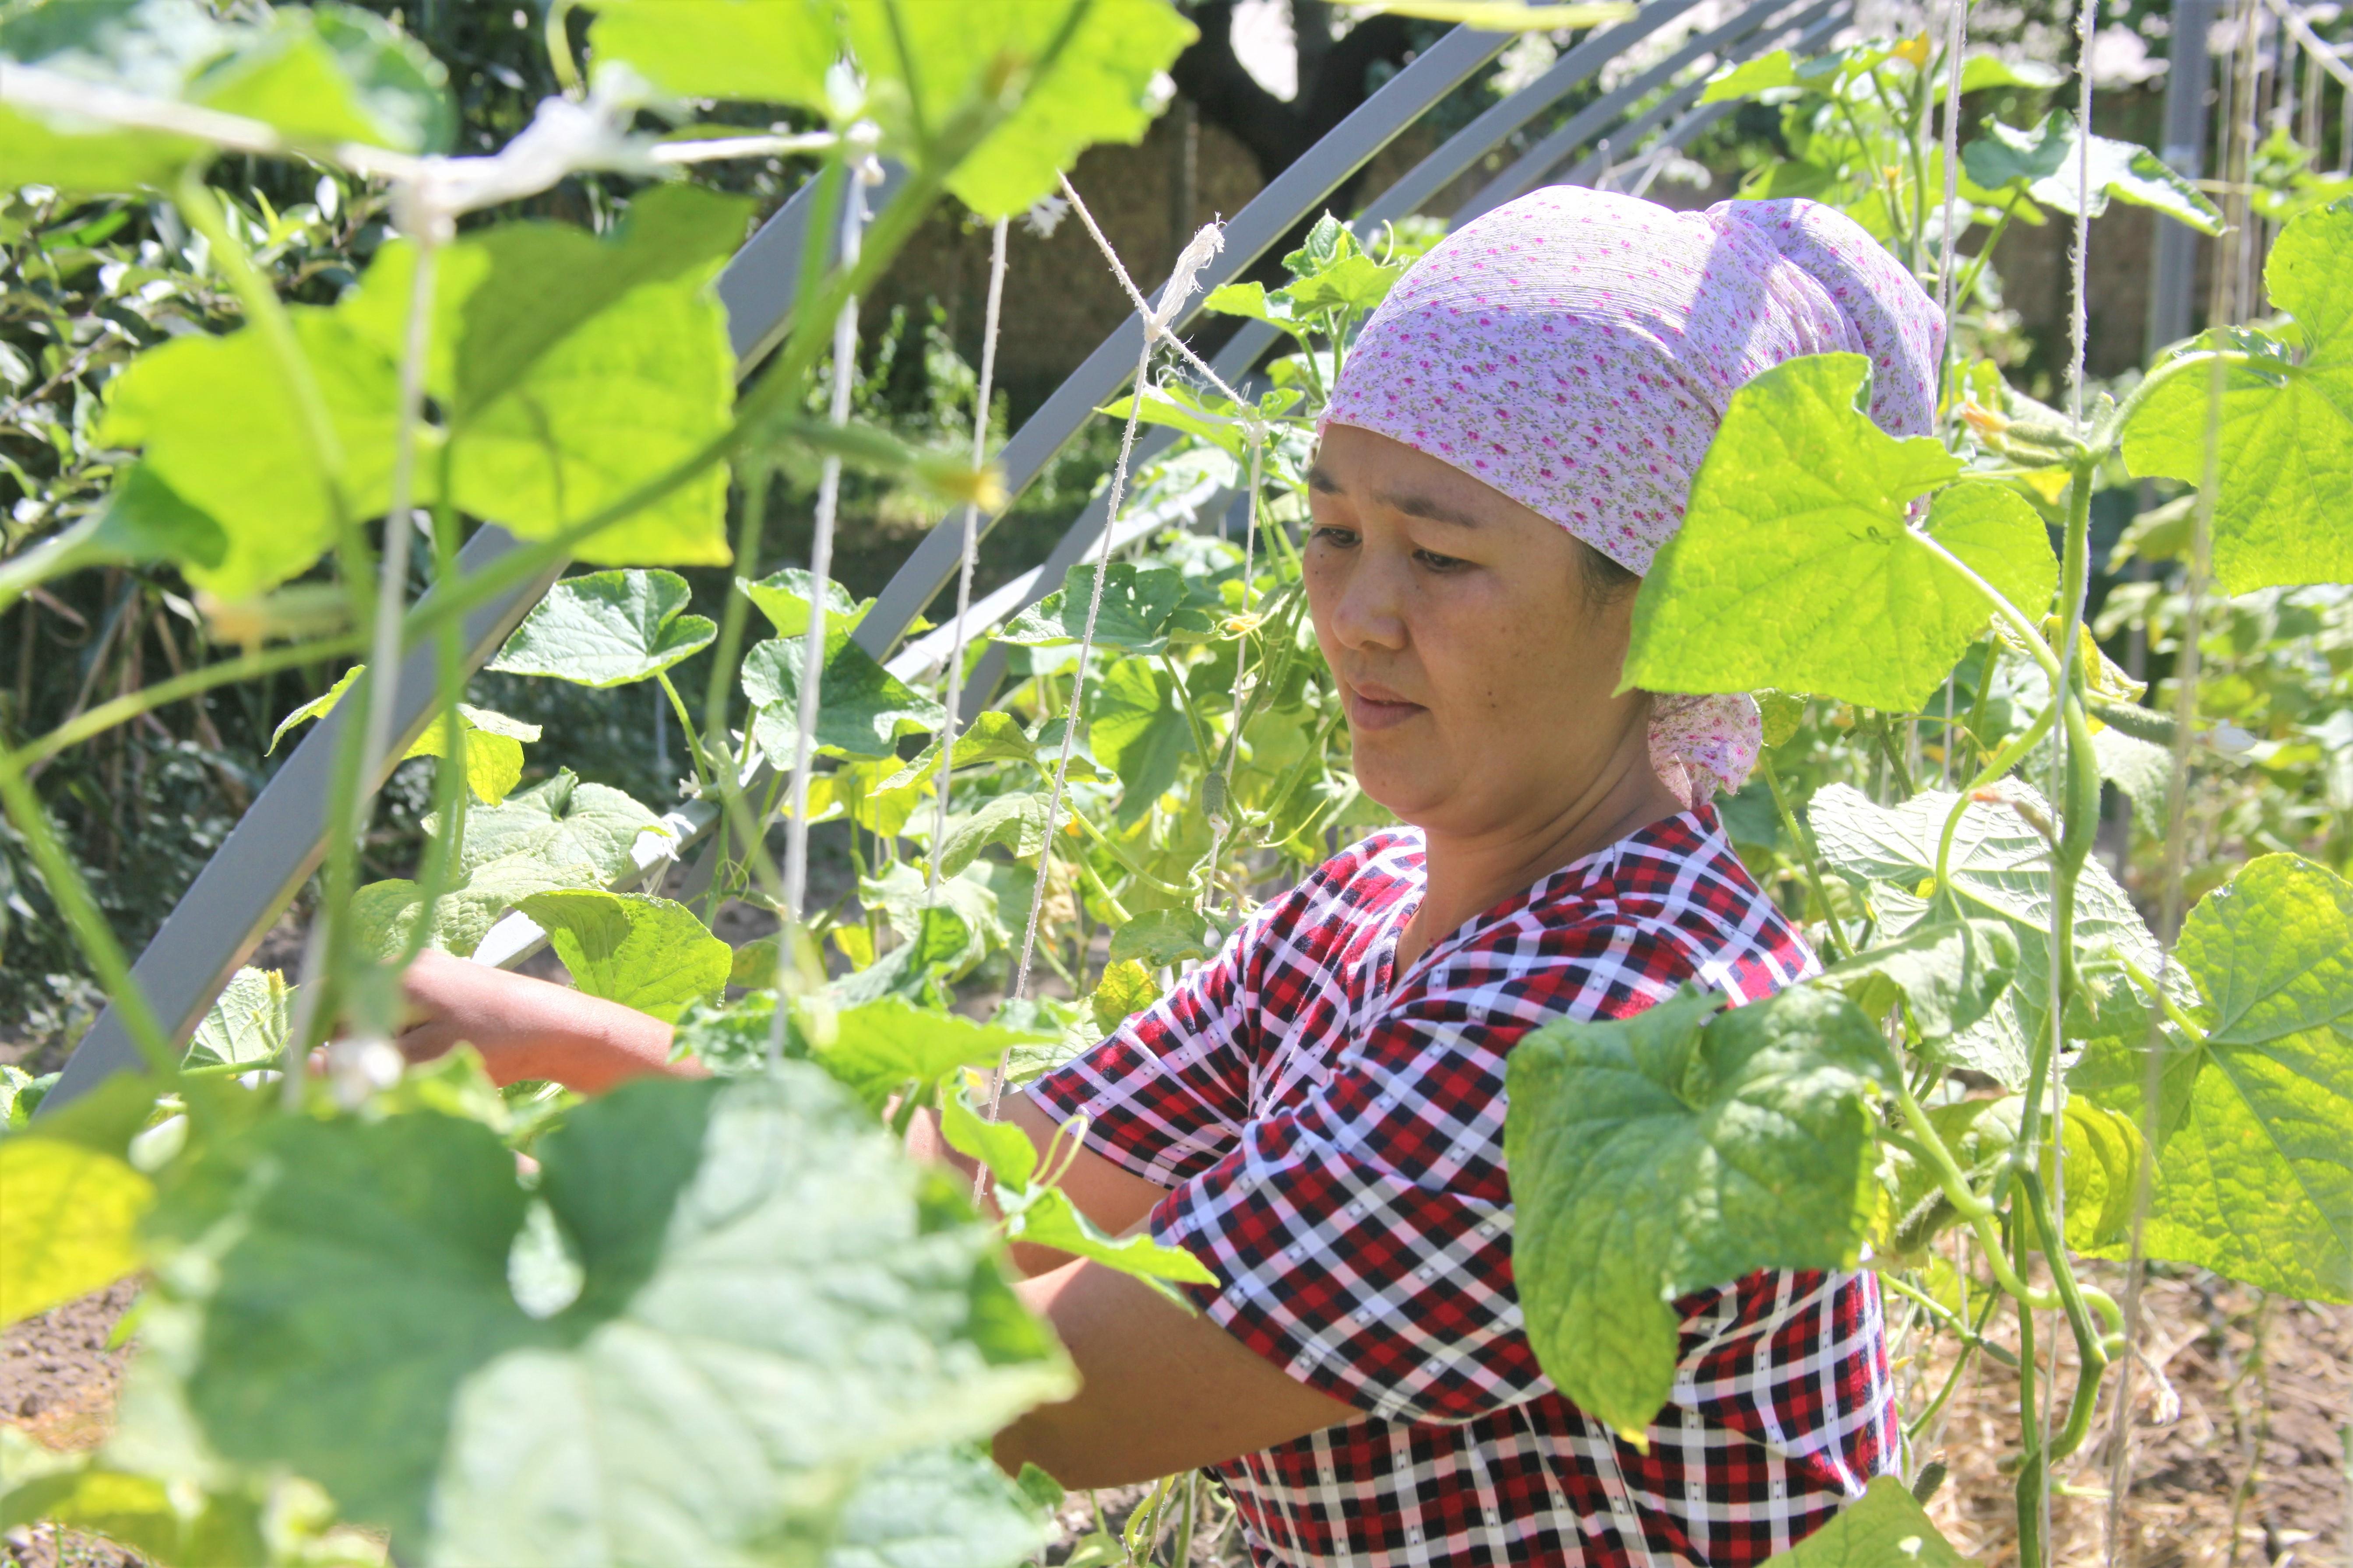 A woman in the garden in Kyrgyzstan.